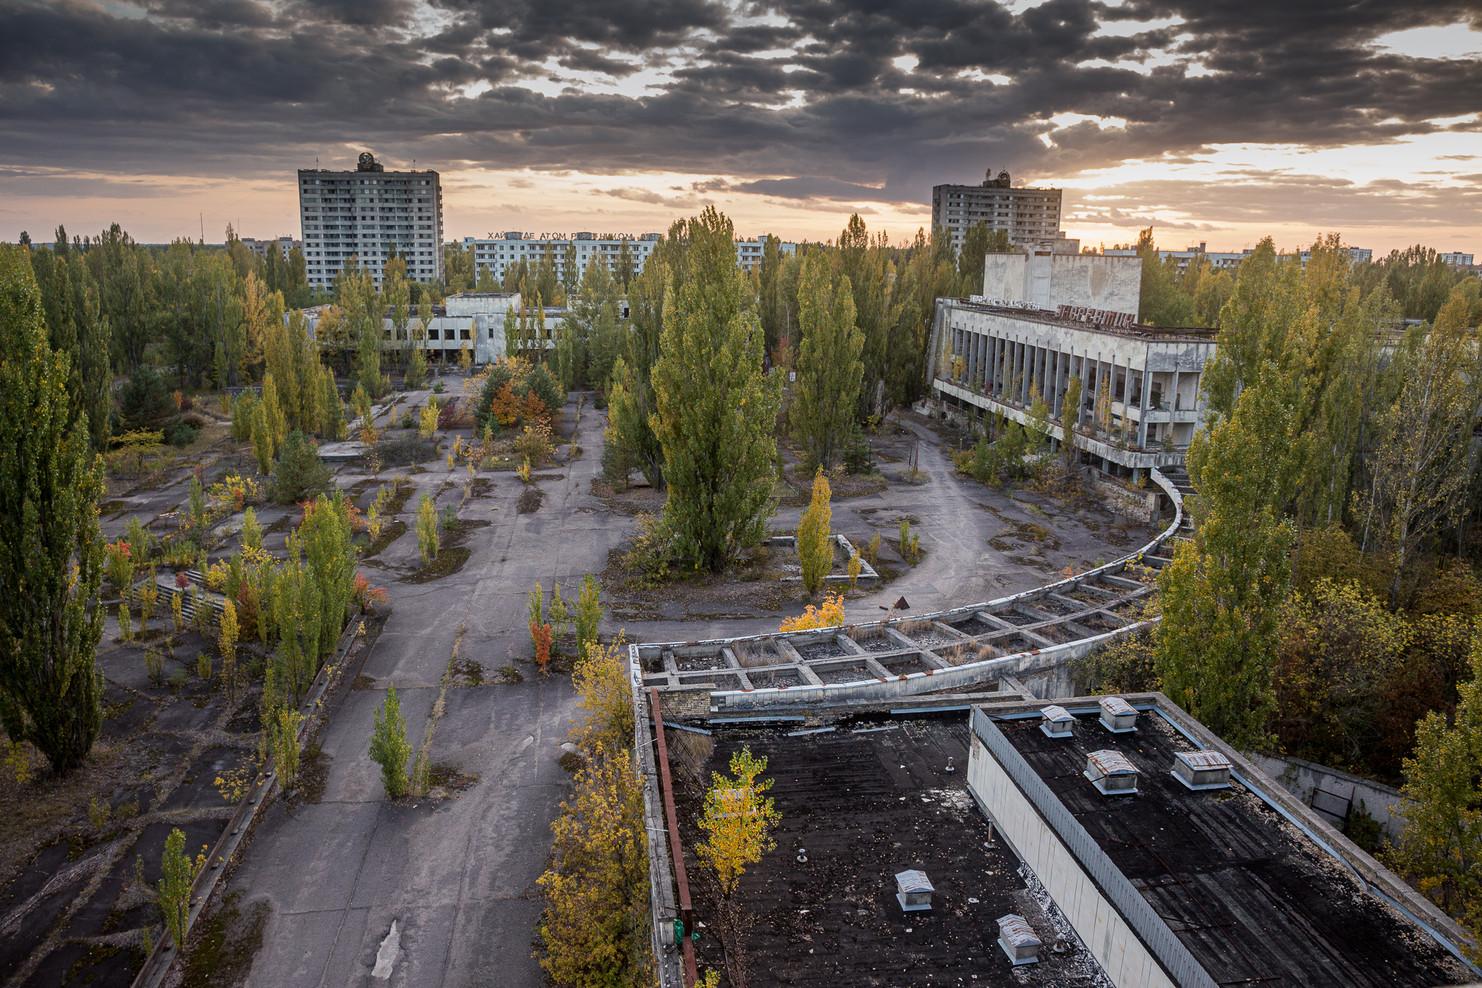 Vue de la place centrale de la ville